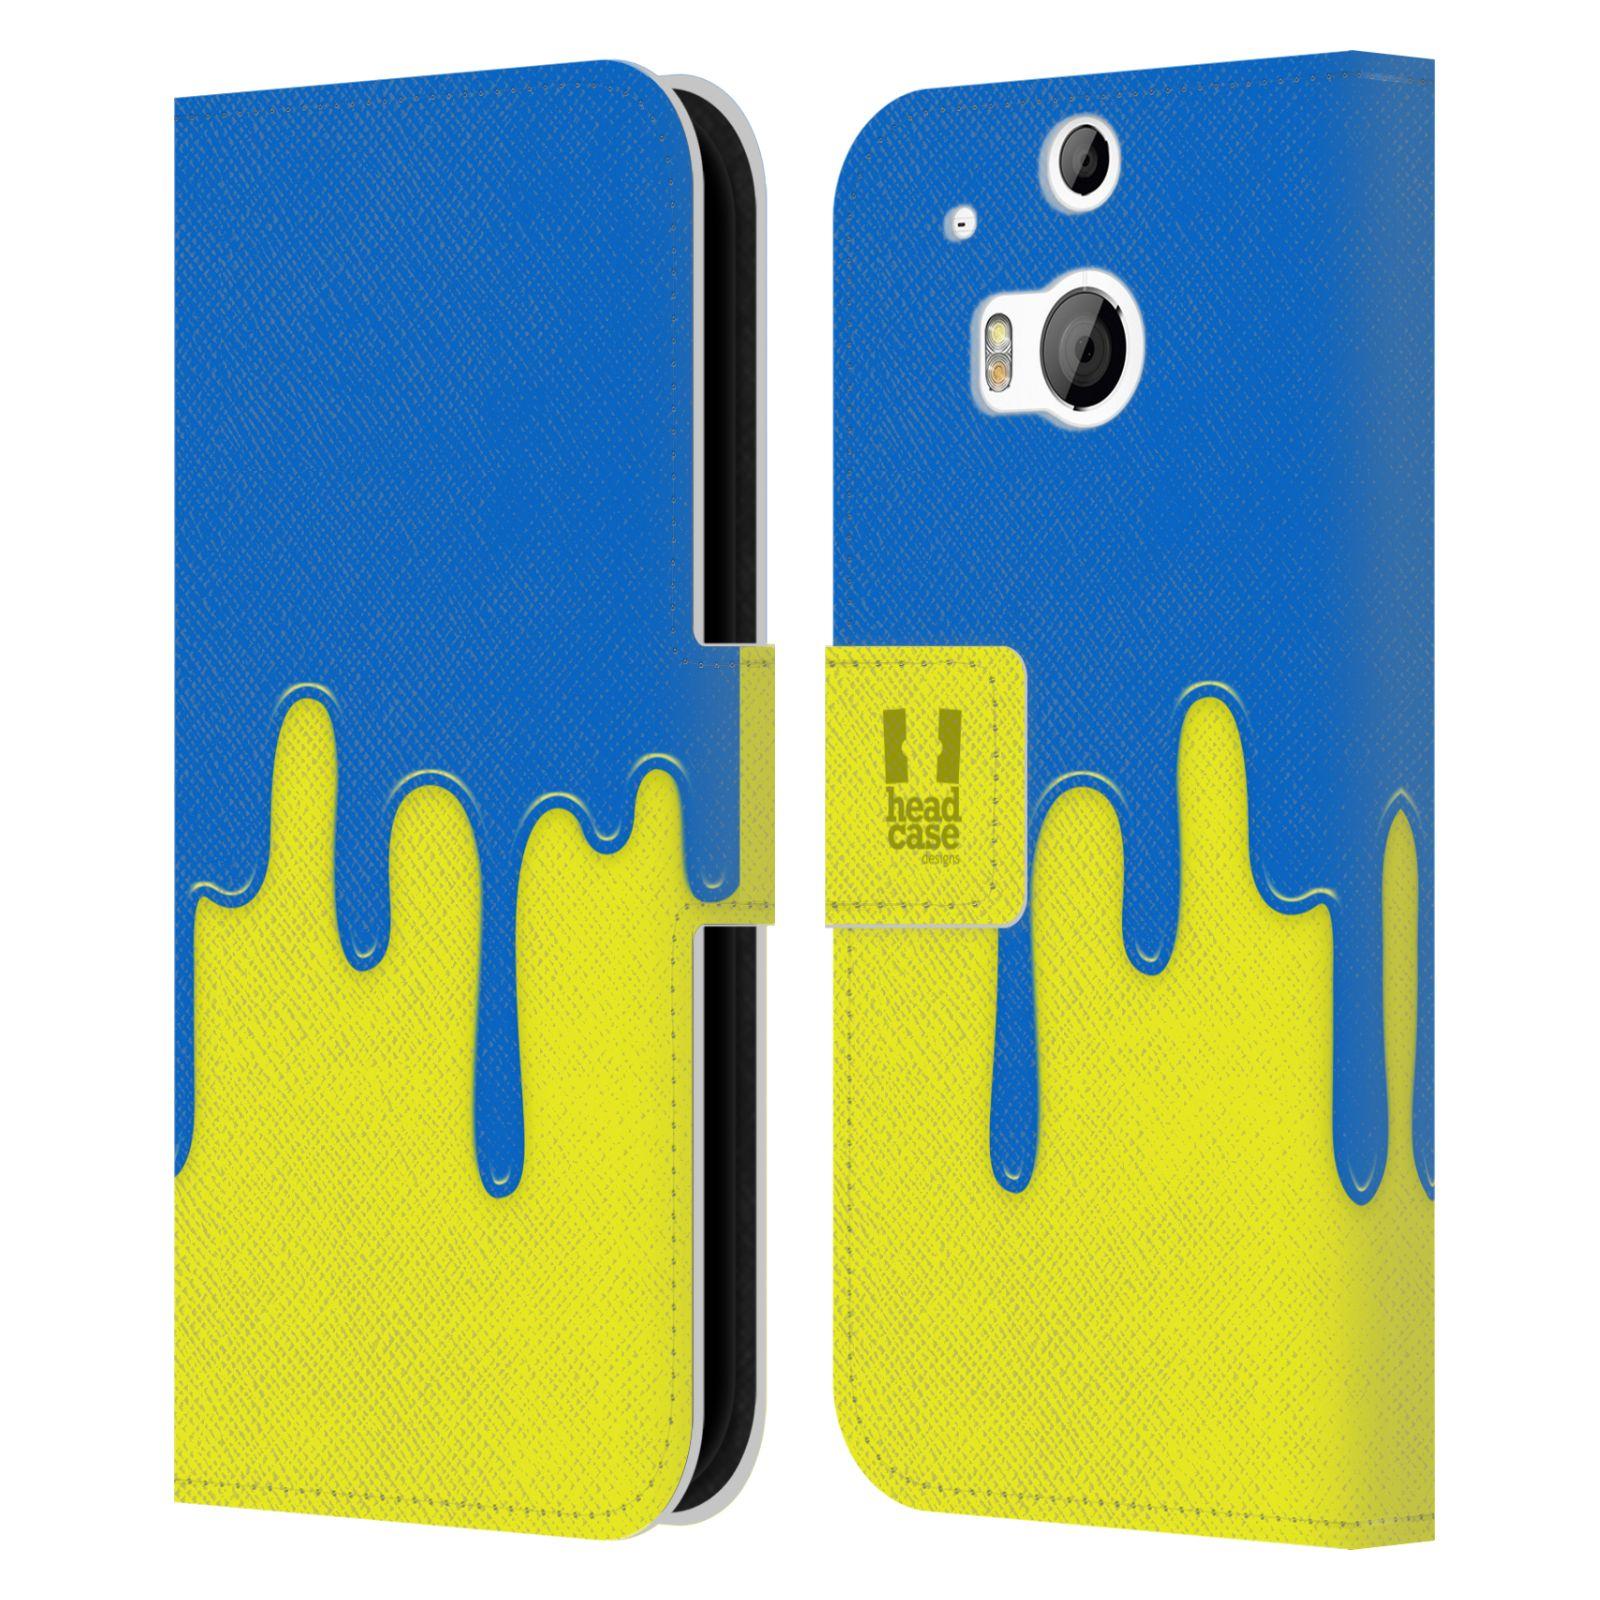 HEAD CASE Flipové pouzdro pro mobil HTC ONE (M8, M8s) Rozlitá barva modrá a žlutá